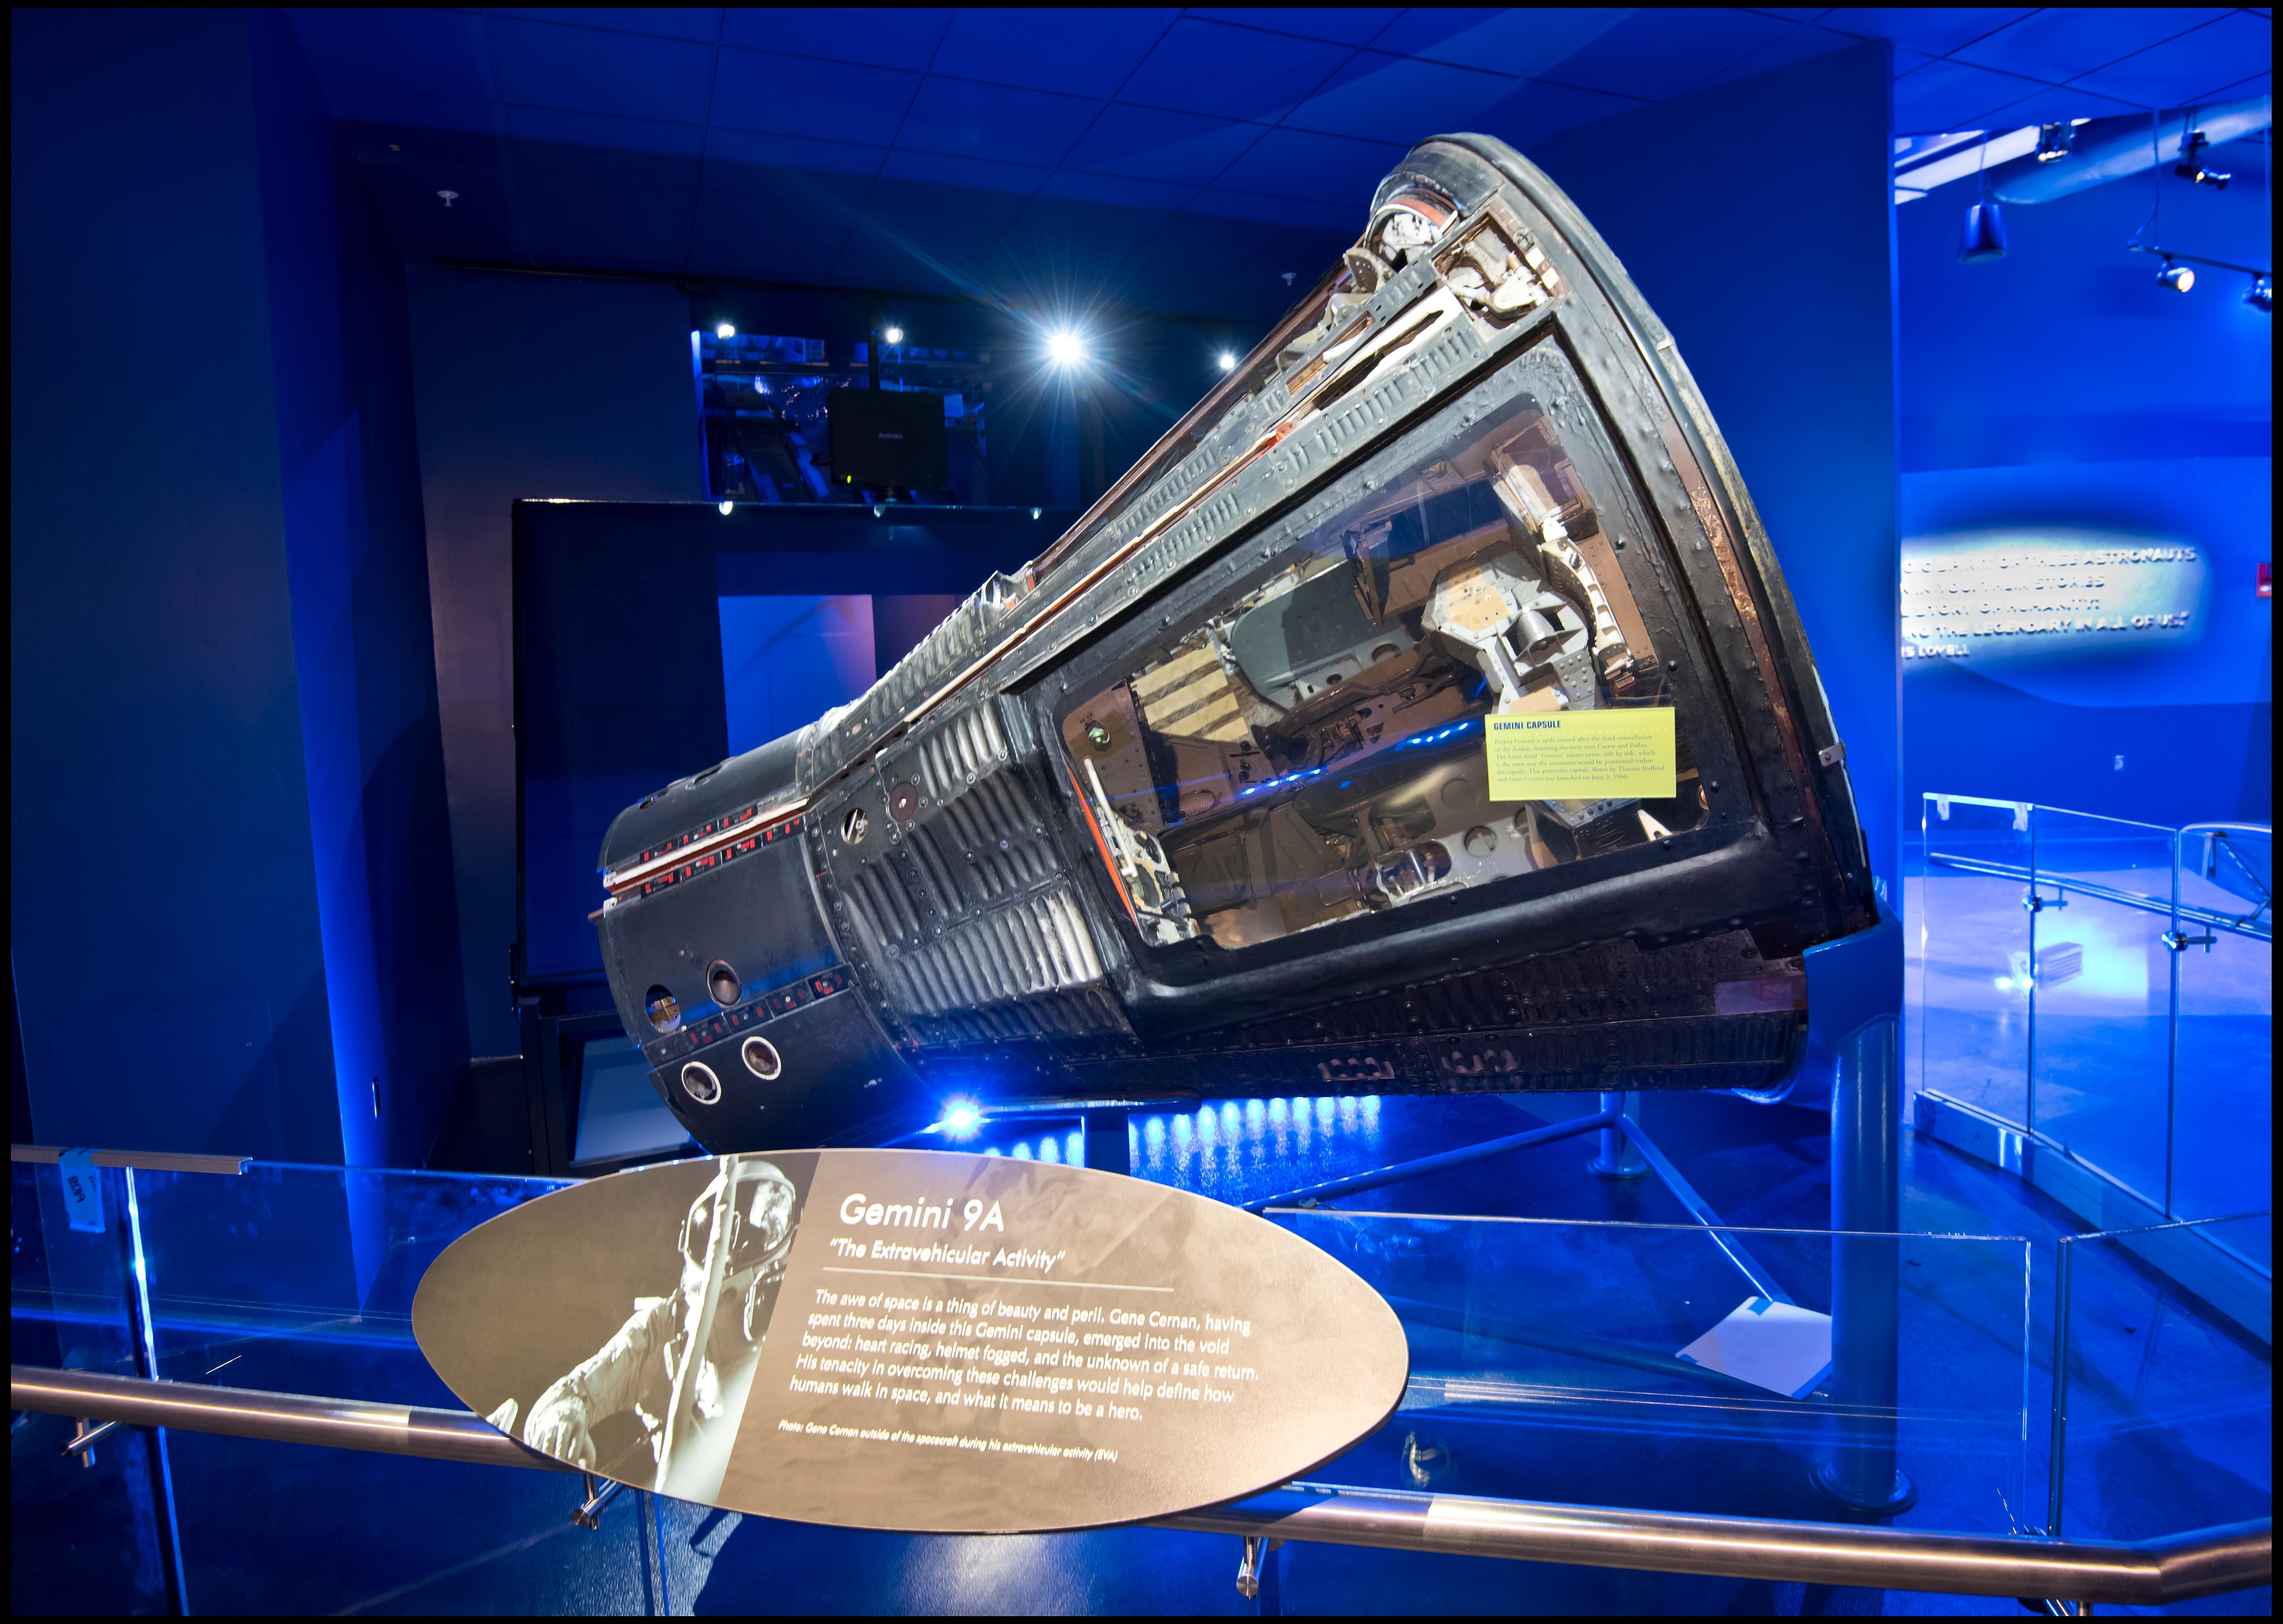 Gemini 9 Capsule